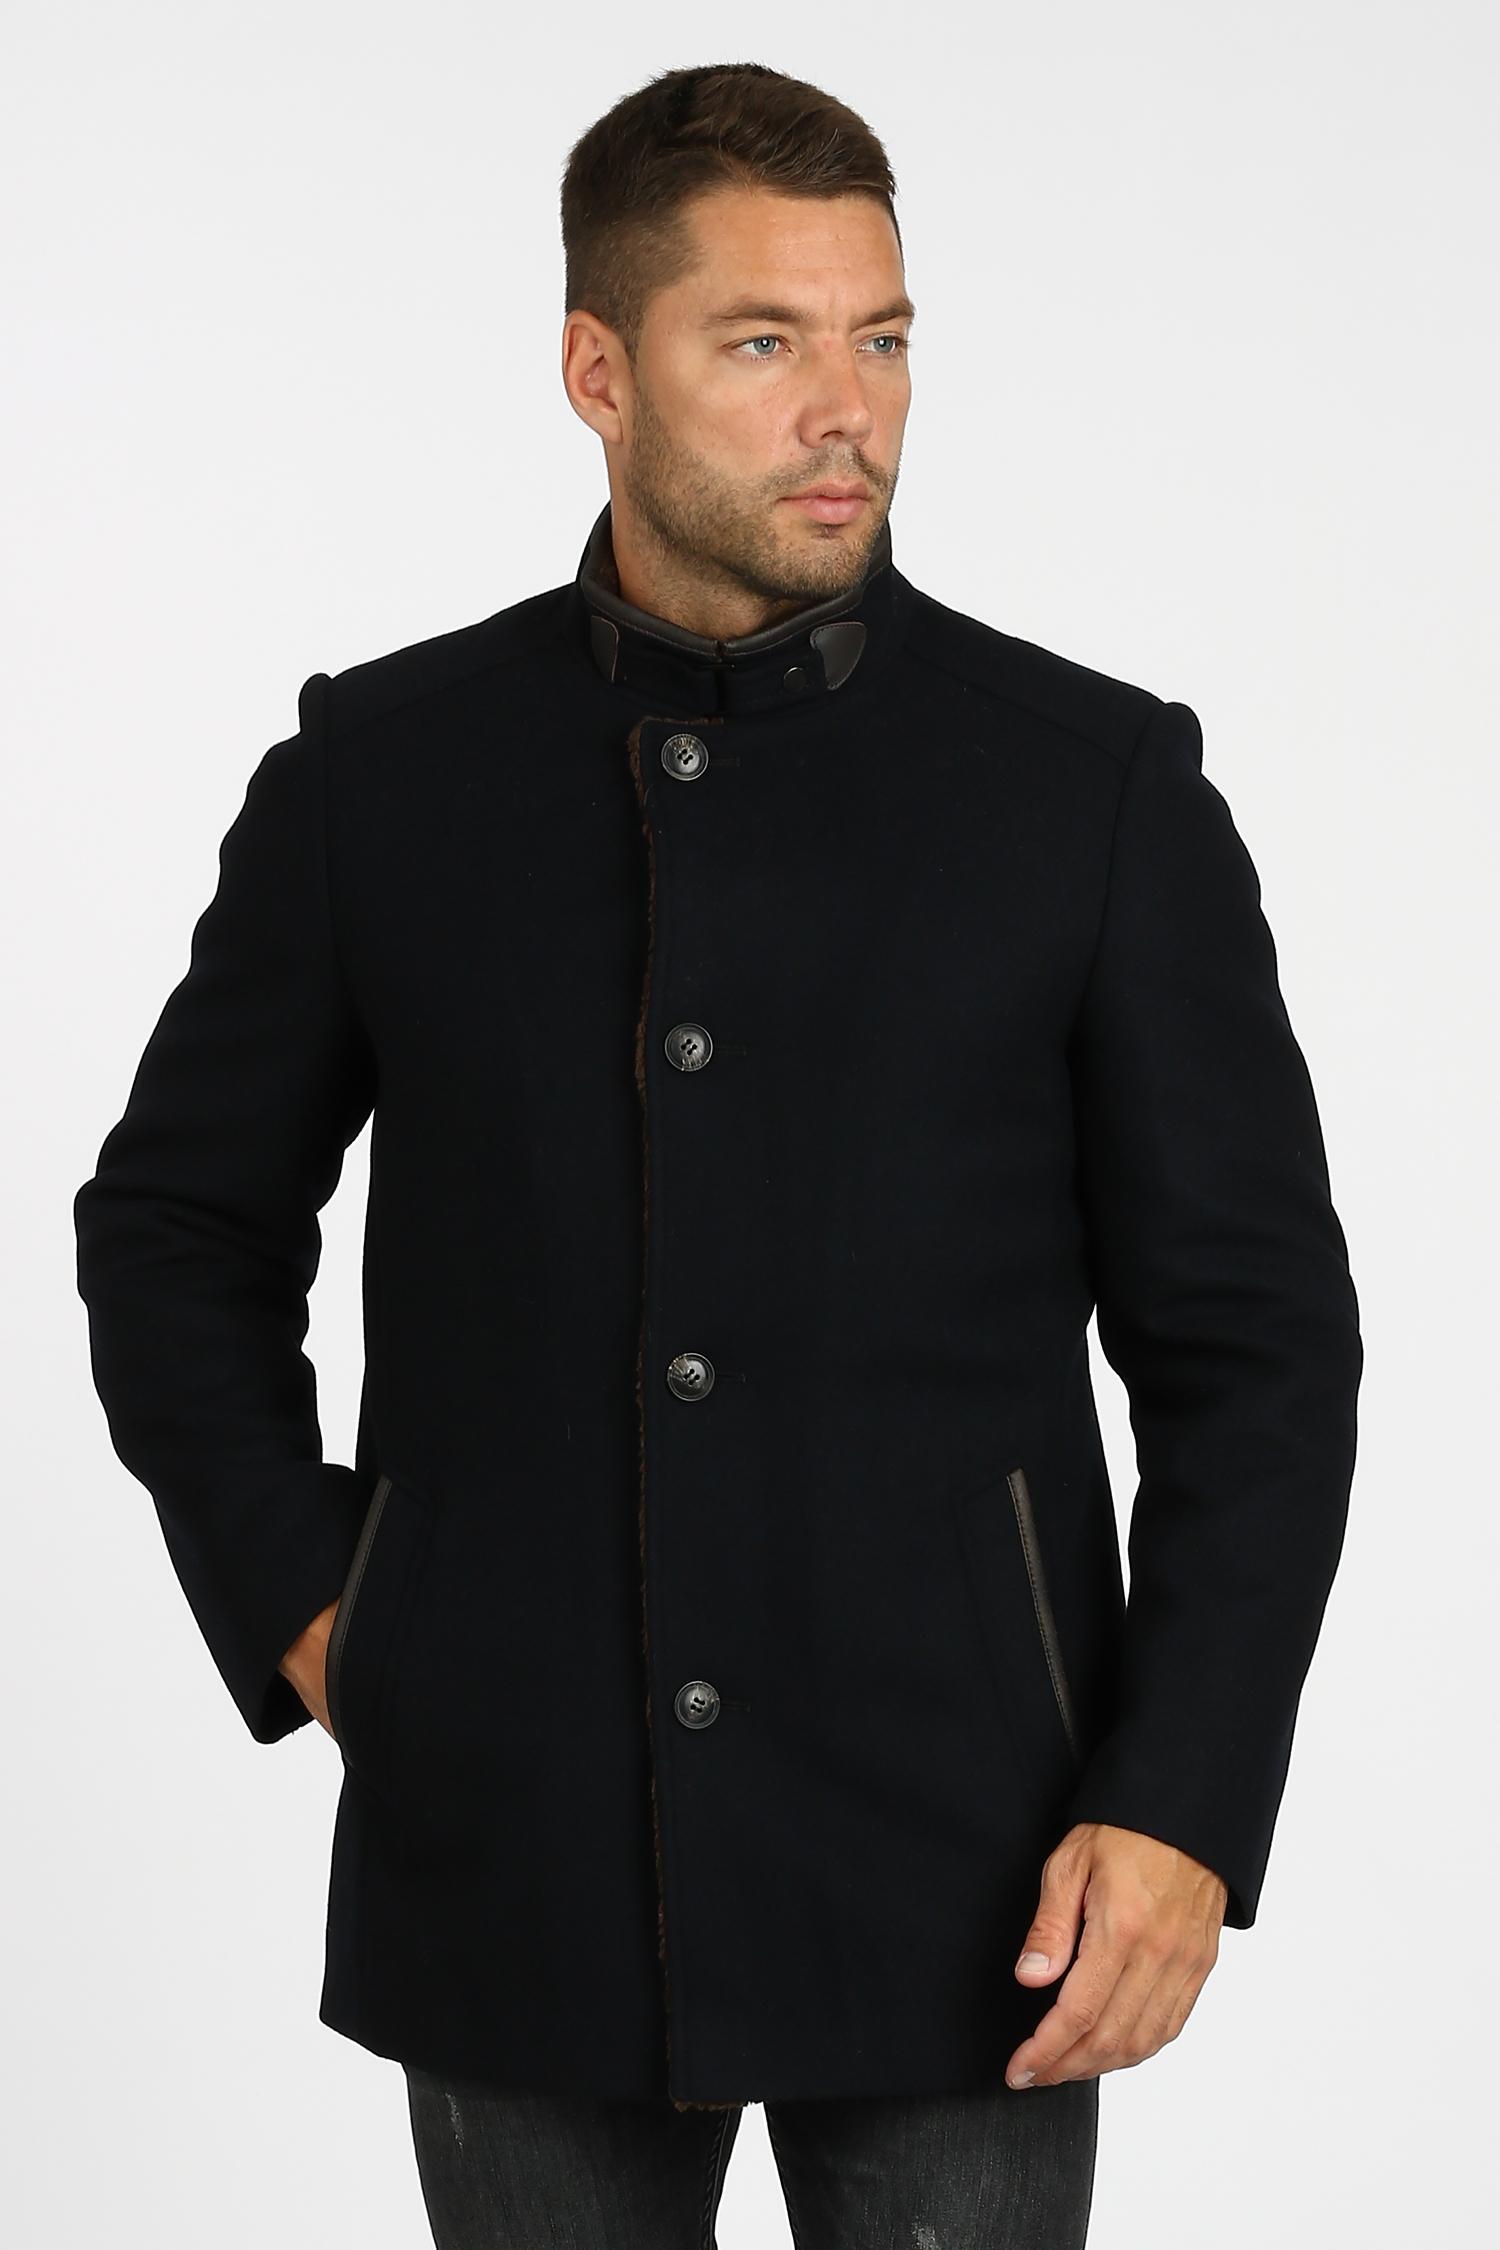 Купить со скидкой Мужское пальто из текстиля с воротником, отделка искусственный мех